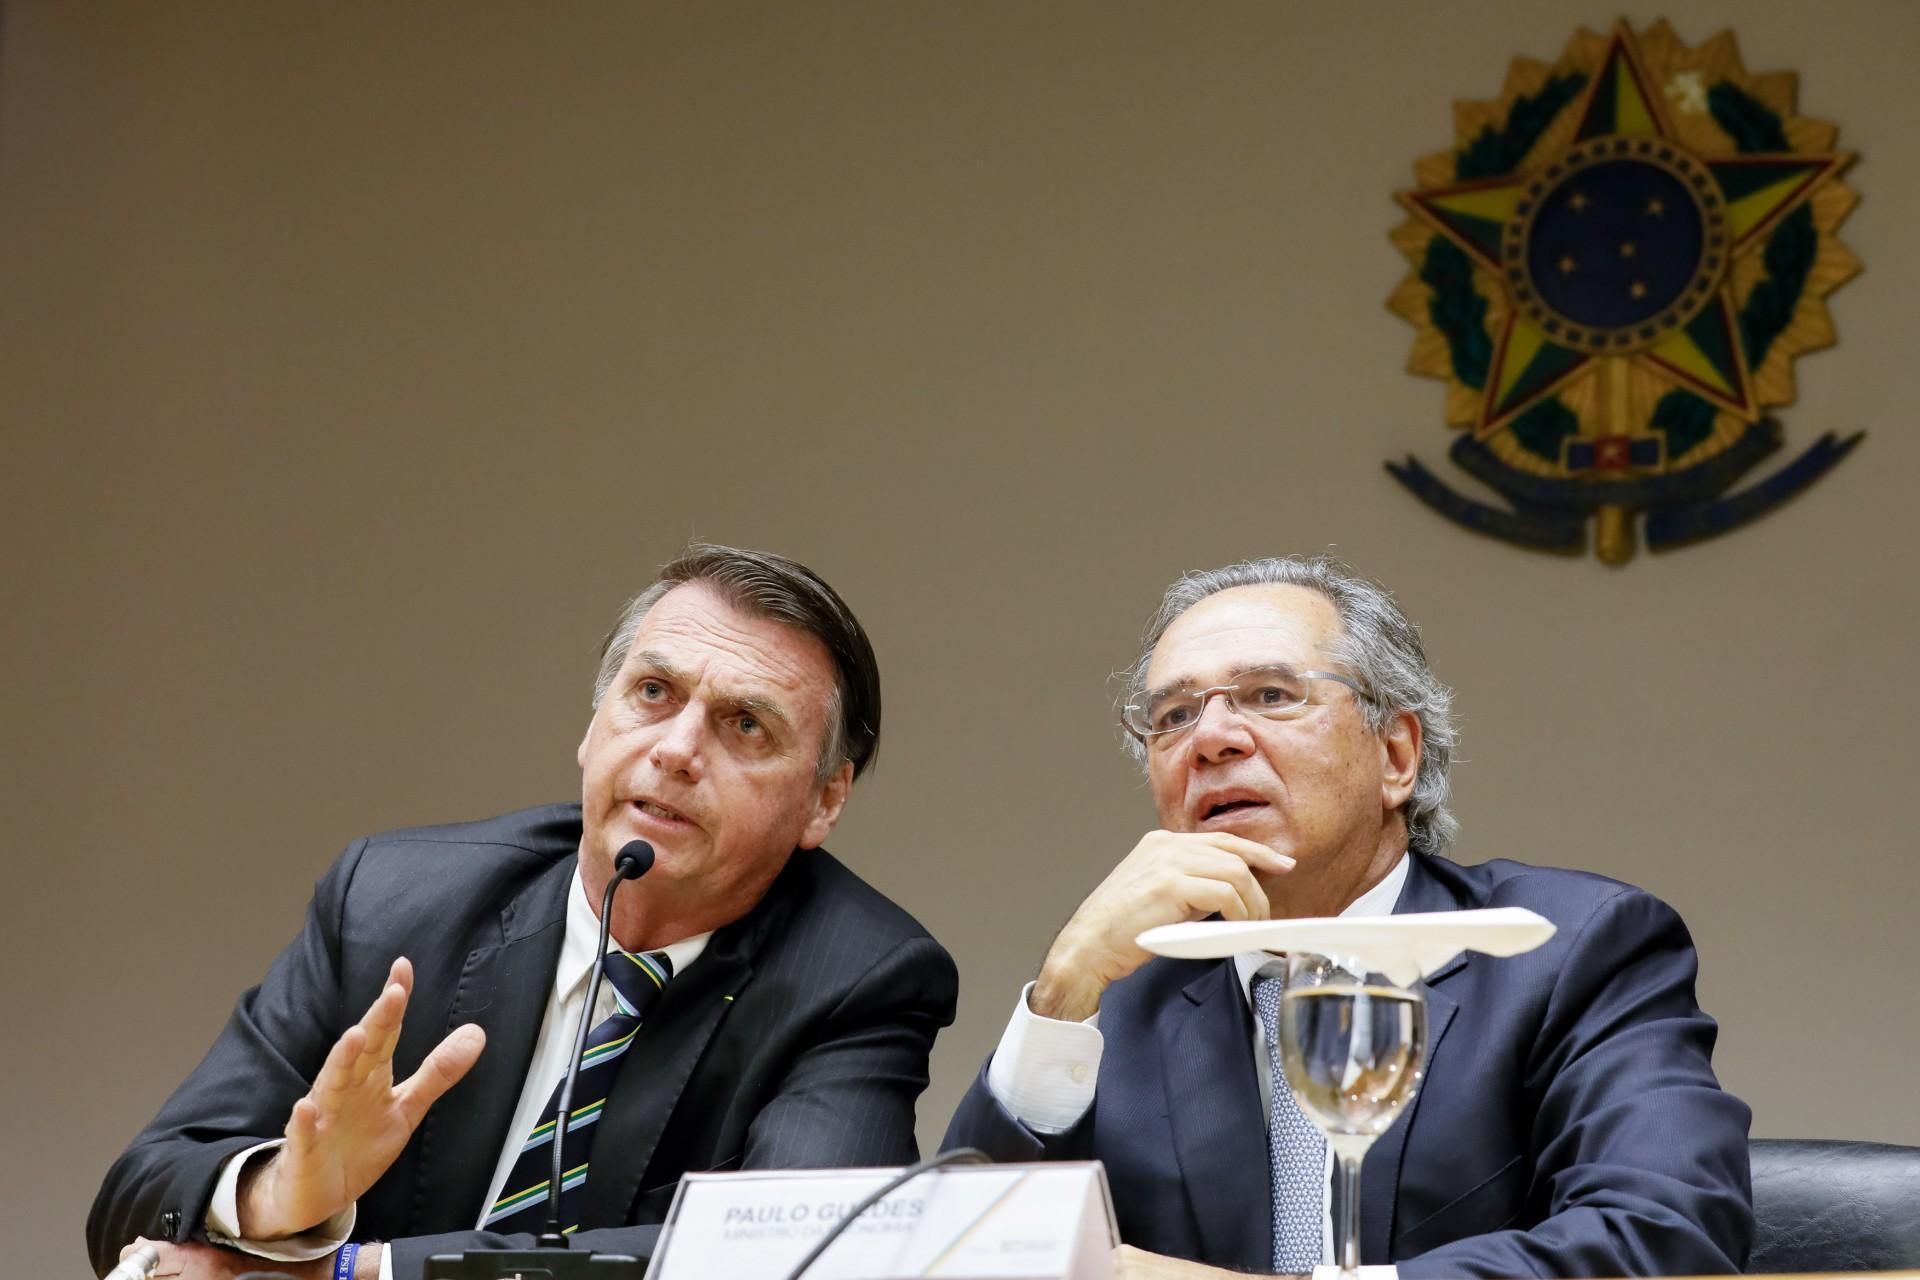 Com status de superministro, Paulo Guedes não implementou as privatizações prometidas tantas vezes por ele